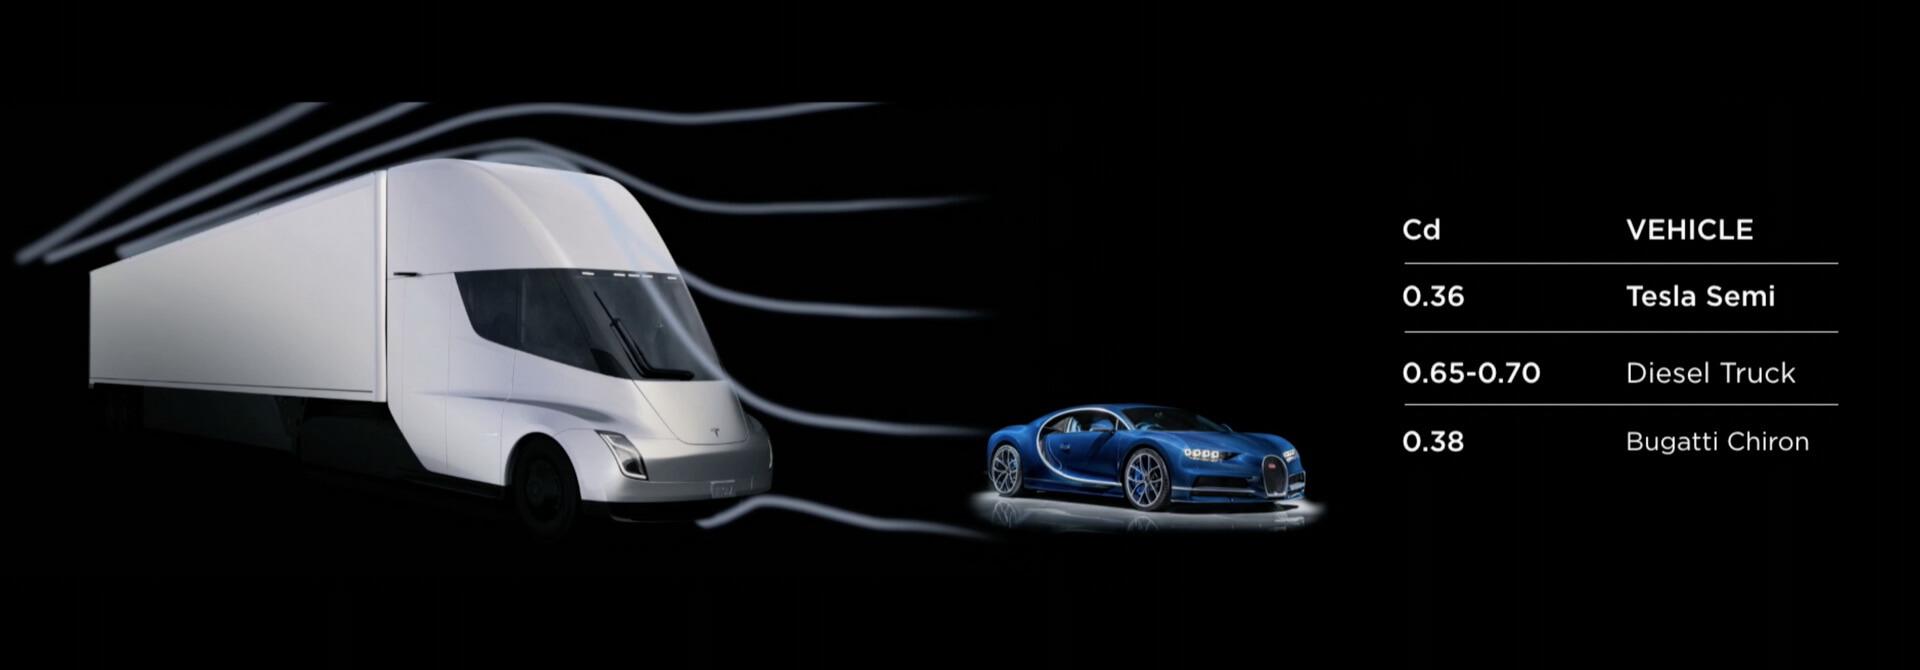 Порівняння характеристик гіперкара Bugatti Chiron та електричної вантажівки Tesla Semi